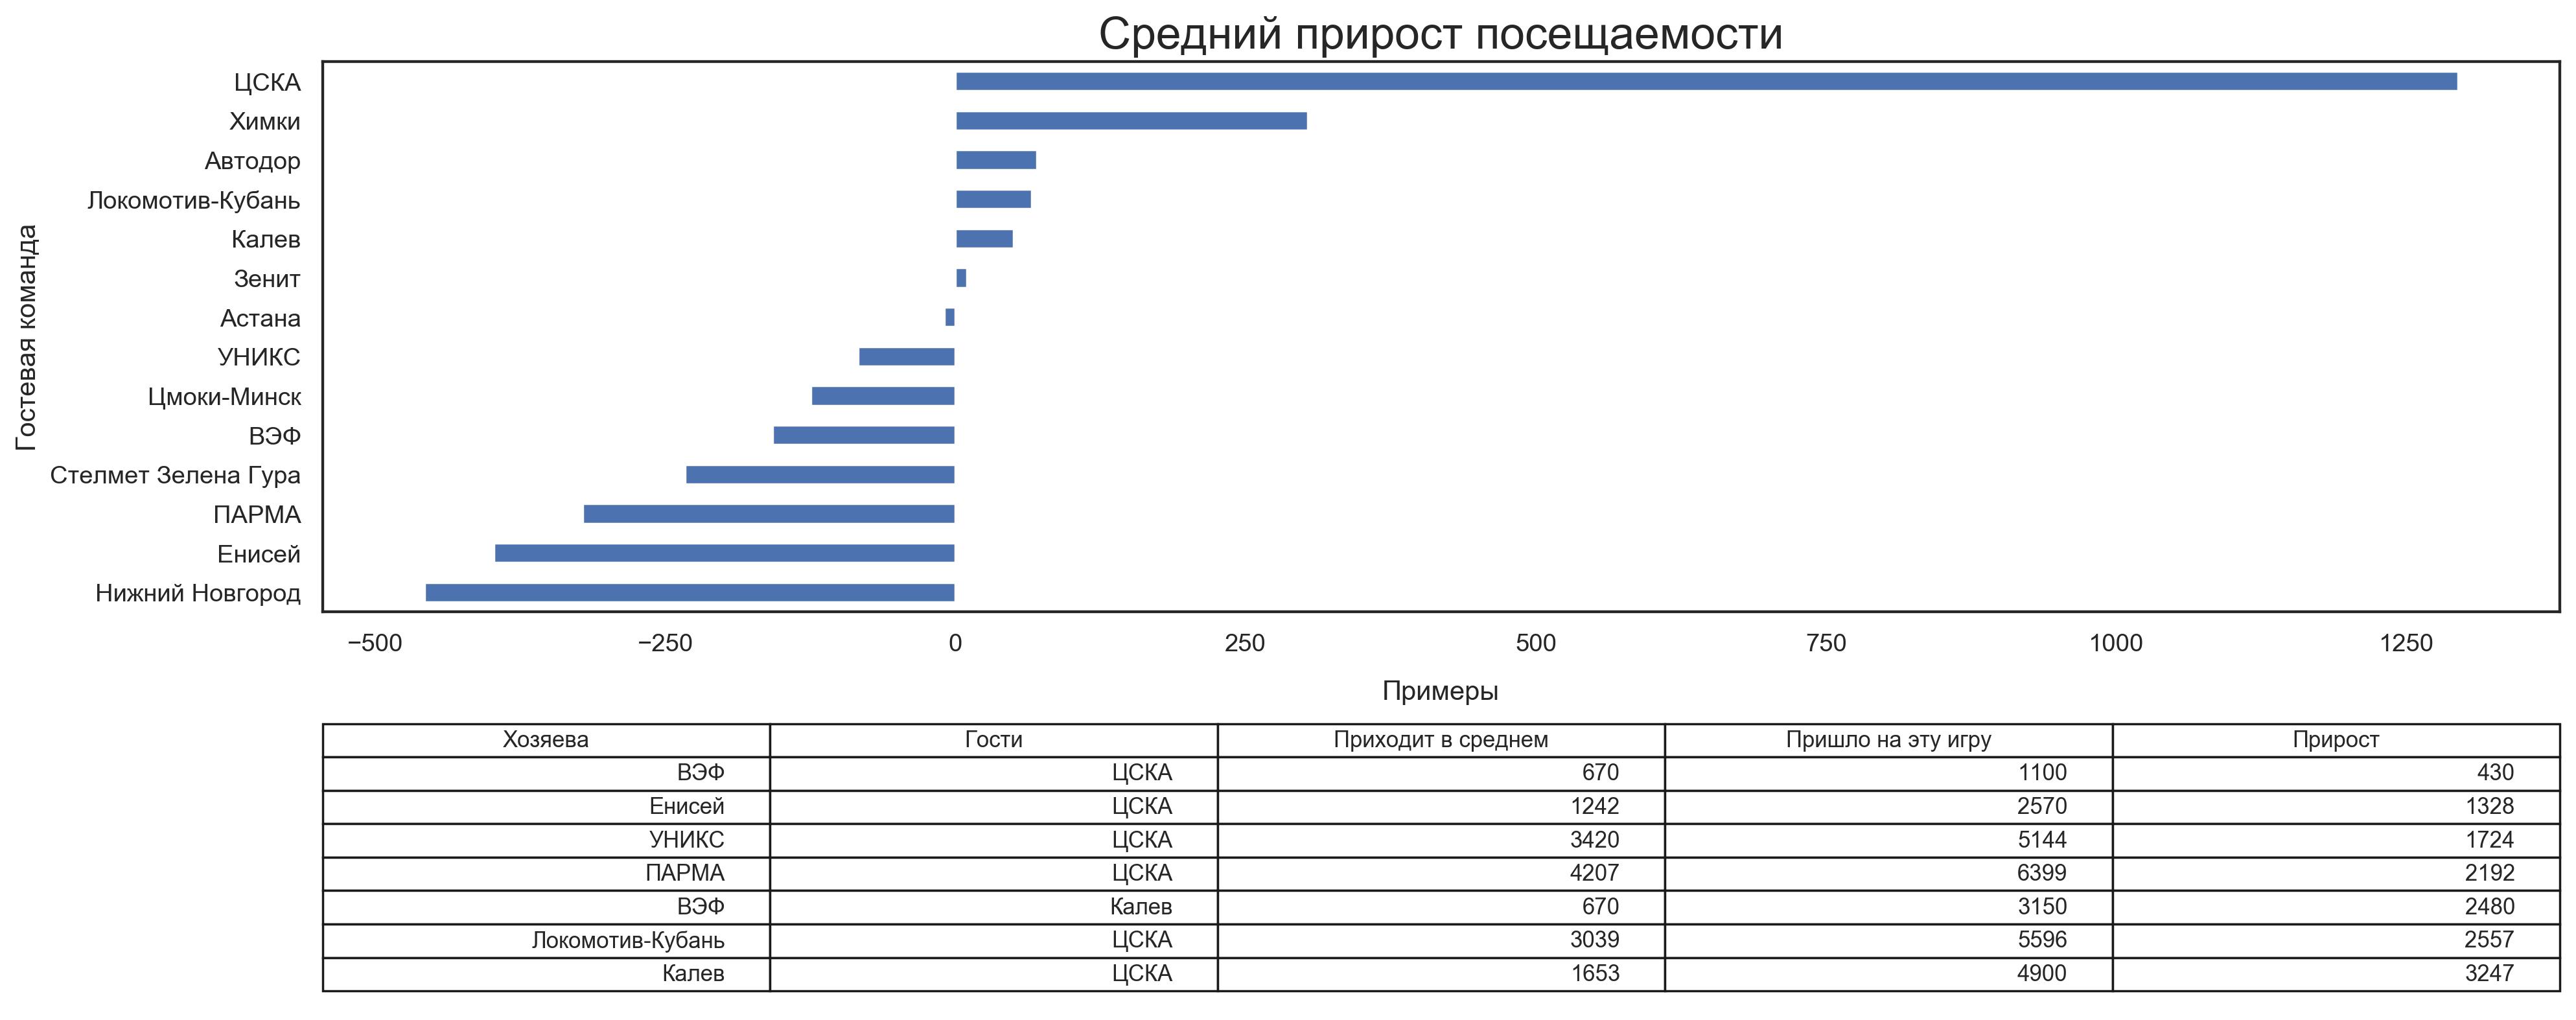 В НБА больше ходят на гостевые матчи «Лейкерс», в лиге ВТБ – на ЦСКА. Изучаем «гостевую посещаемость»